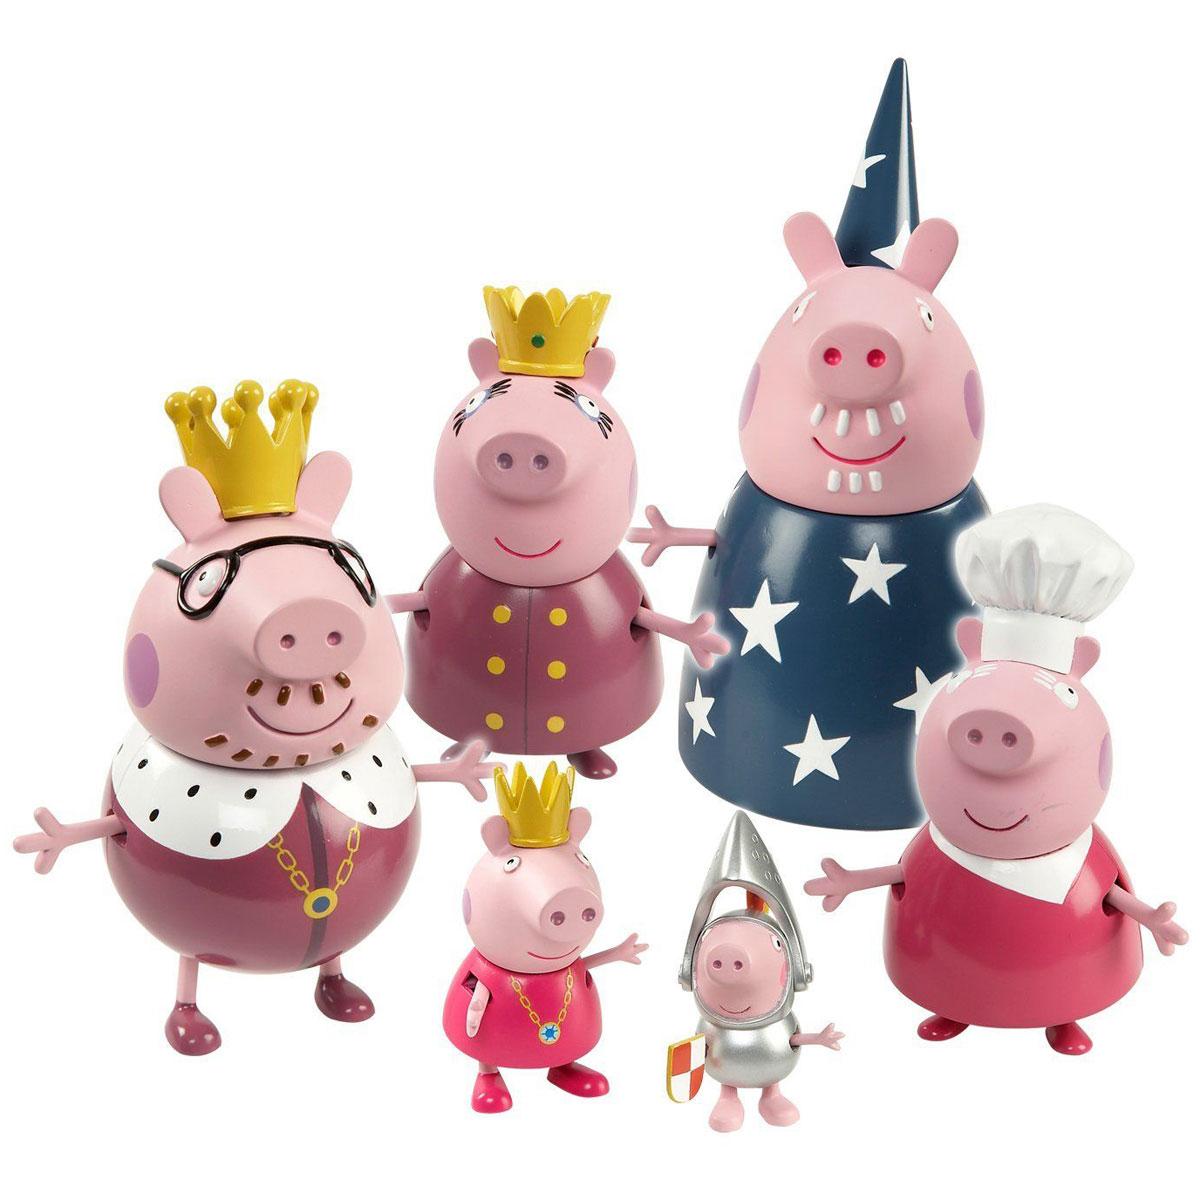 Peppa Pig Игровой набор Королевская семья Пеппы peppa pig игровой набор дом пеппы с садом 31611